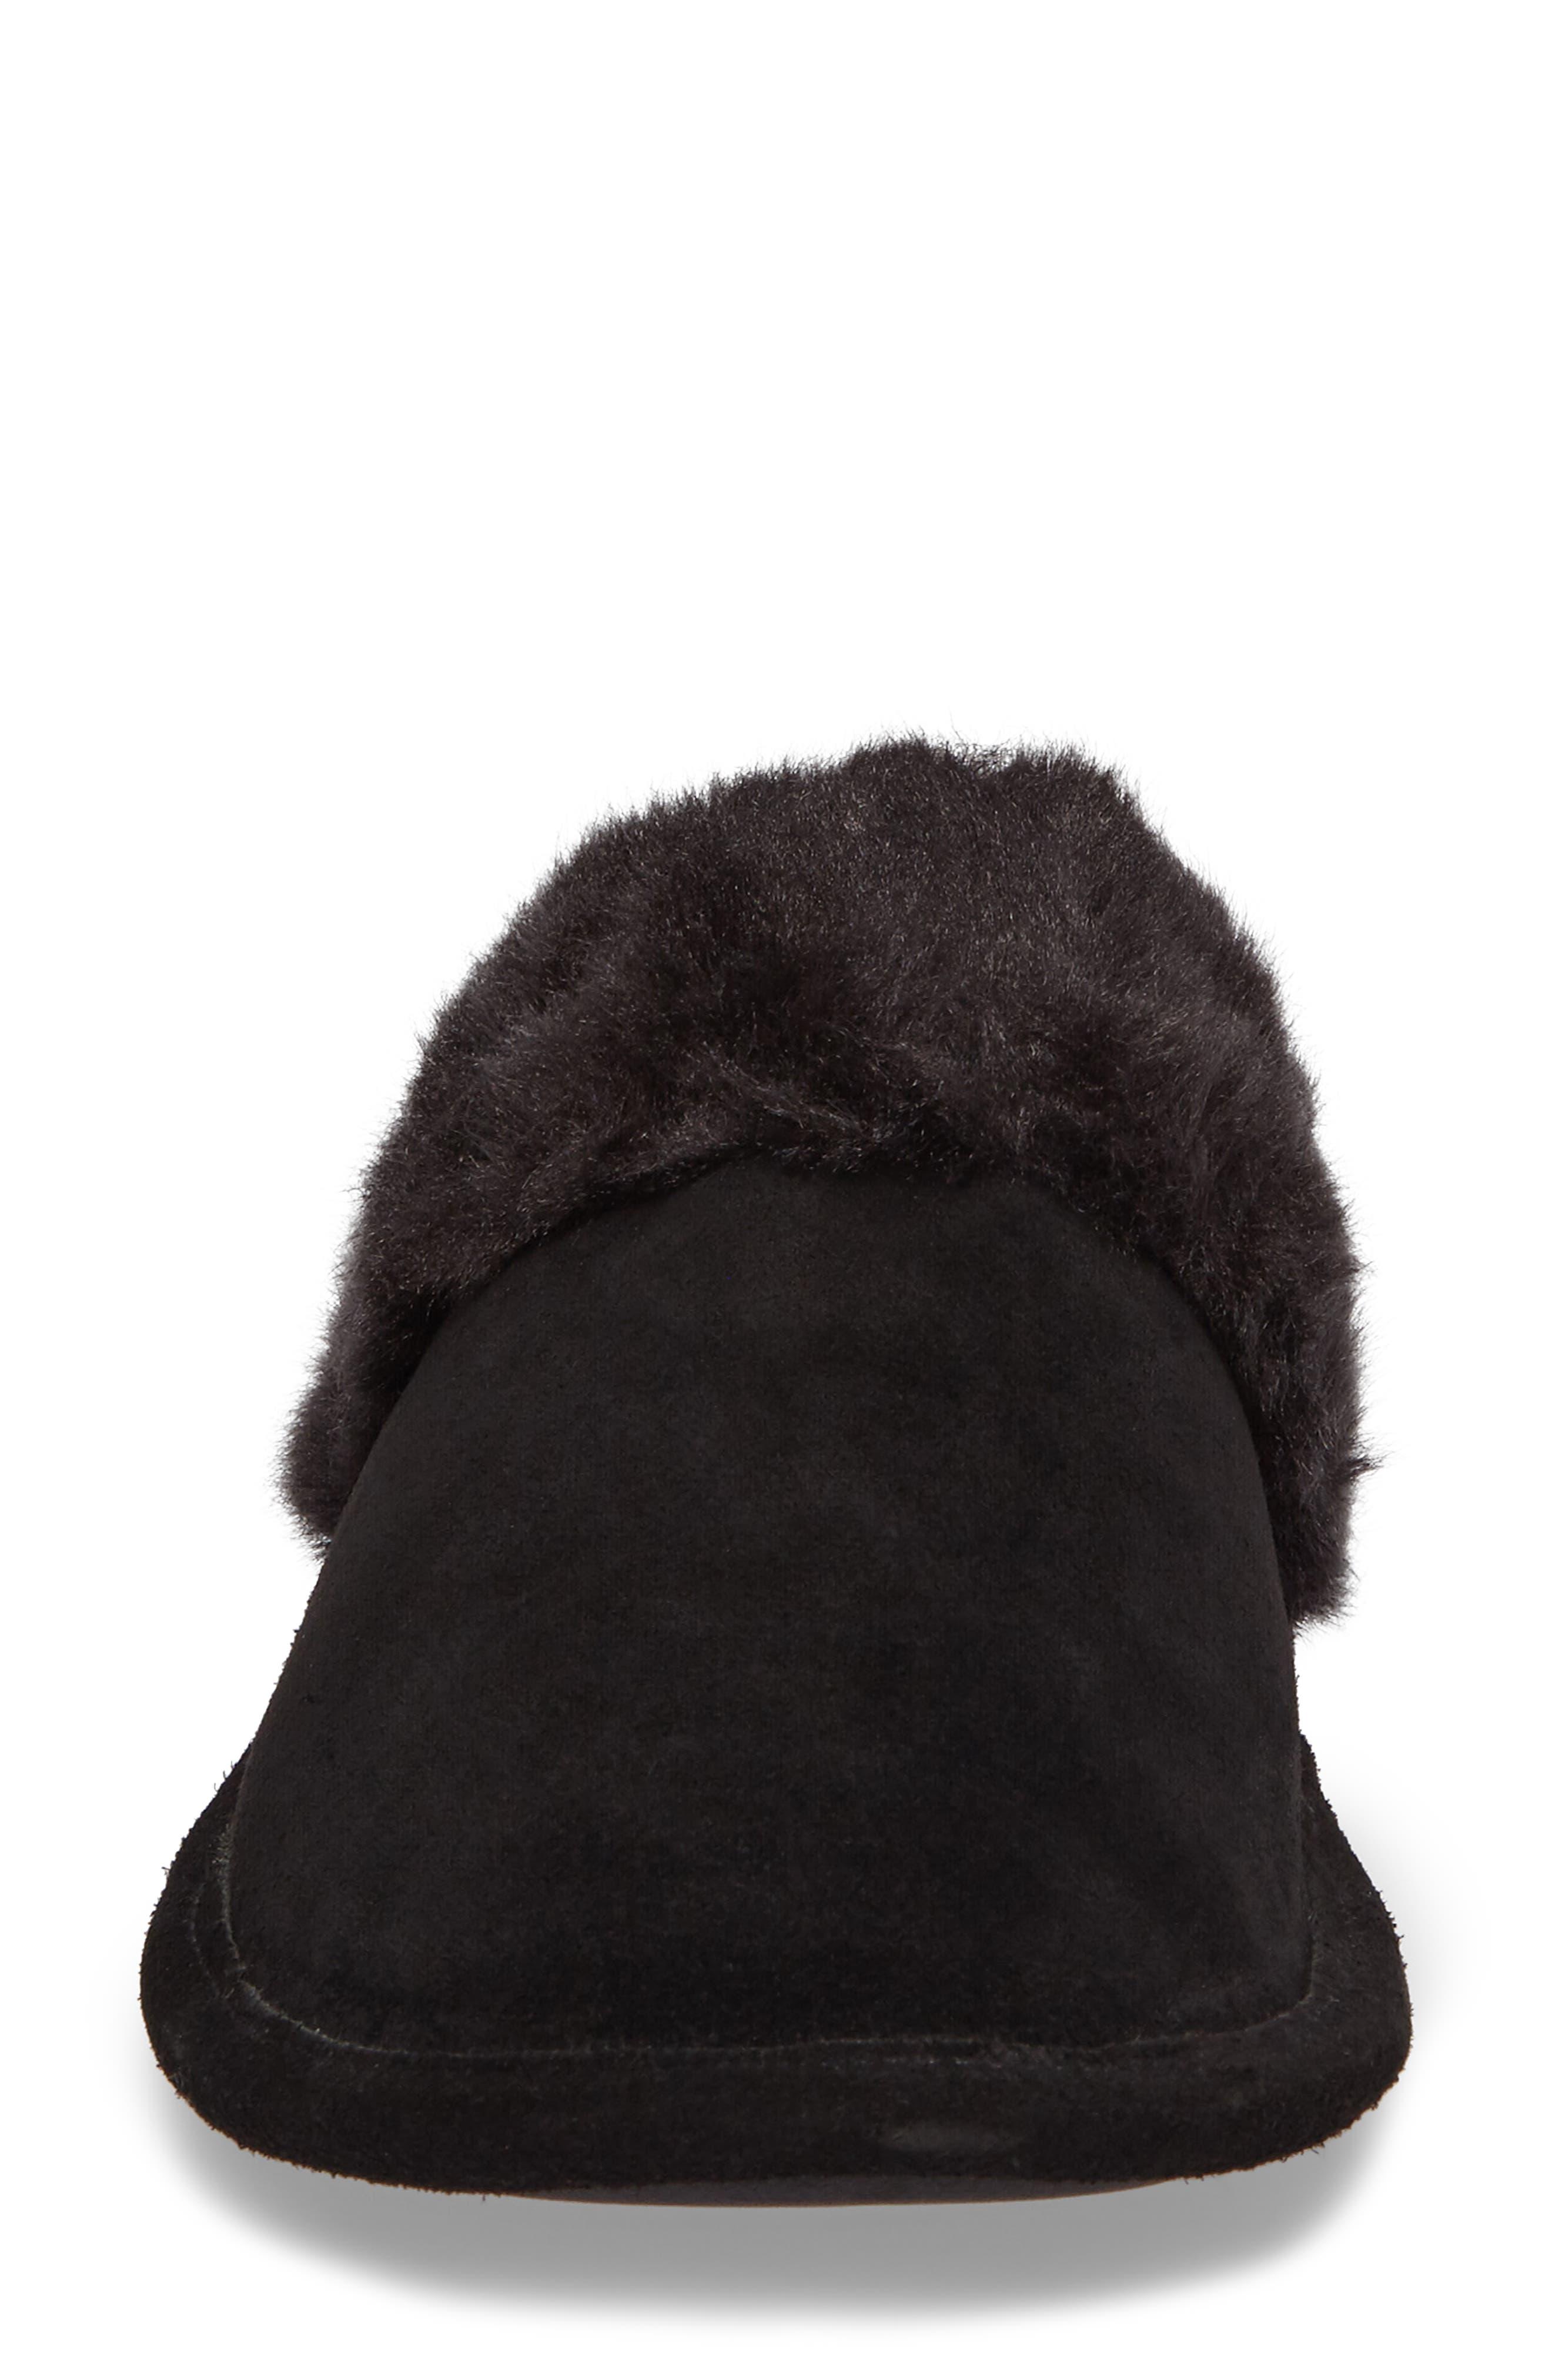 Pammy Faux Fur Slipper,                             Alternate thumbnail 4, color,                             Black Suede